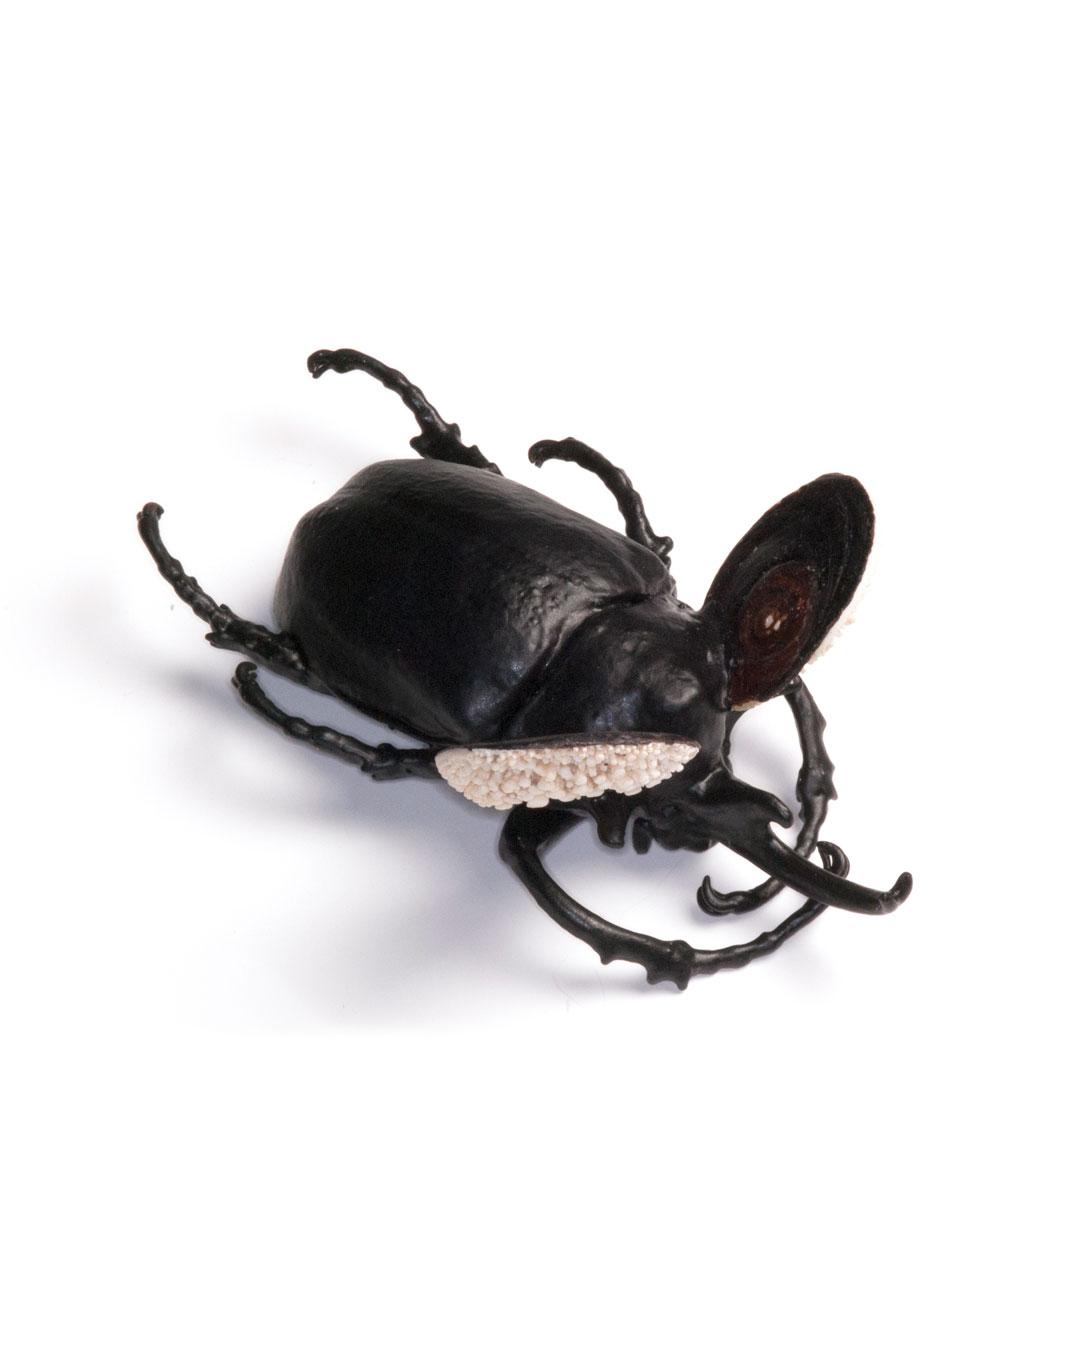 Märta Mattsson, Minnie, 2018, brooch; beetle, copper, resin, coral, seashells, lacquer, gold, 160 x 110 x 120 mm, €2060